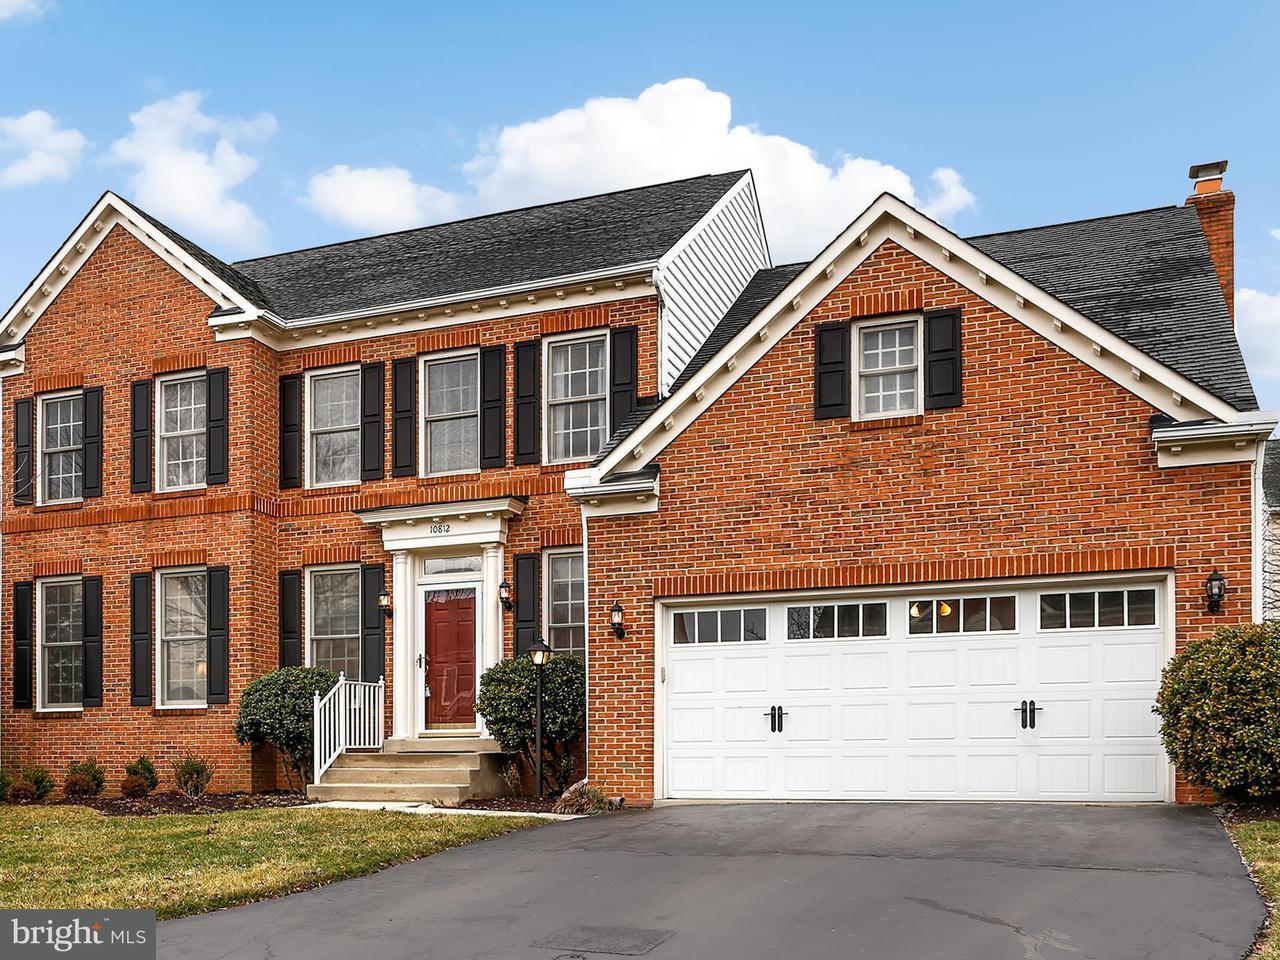 단독 가정 주택 용 매매 에 10812 Maplecrest Lane 10812 Maplecrest Lane Rockville, 메릴랜드 20854 미국